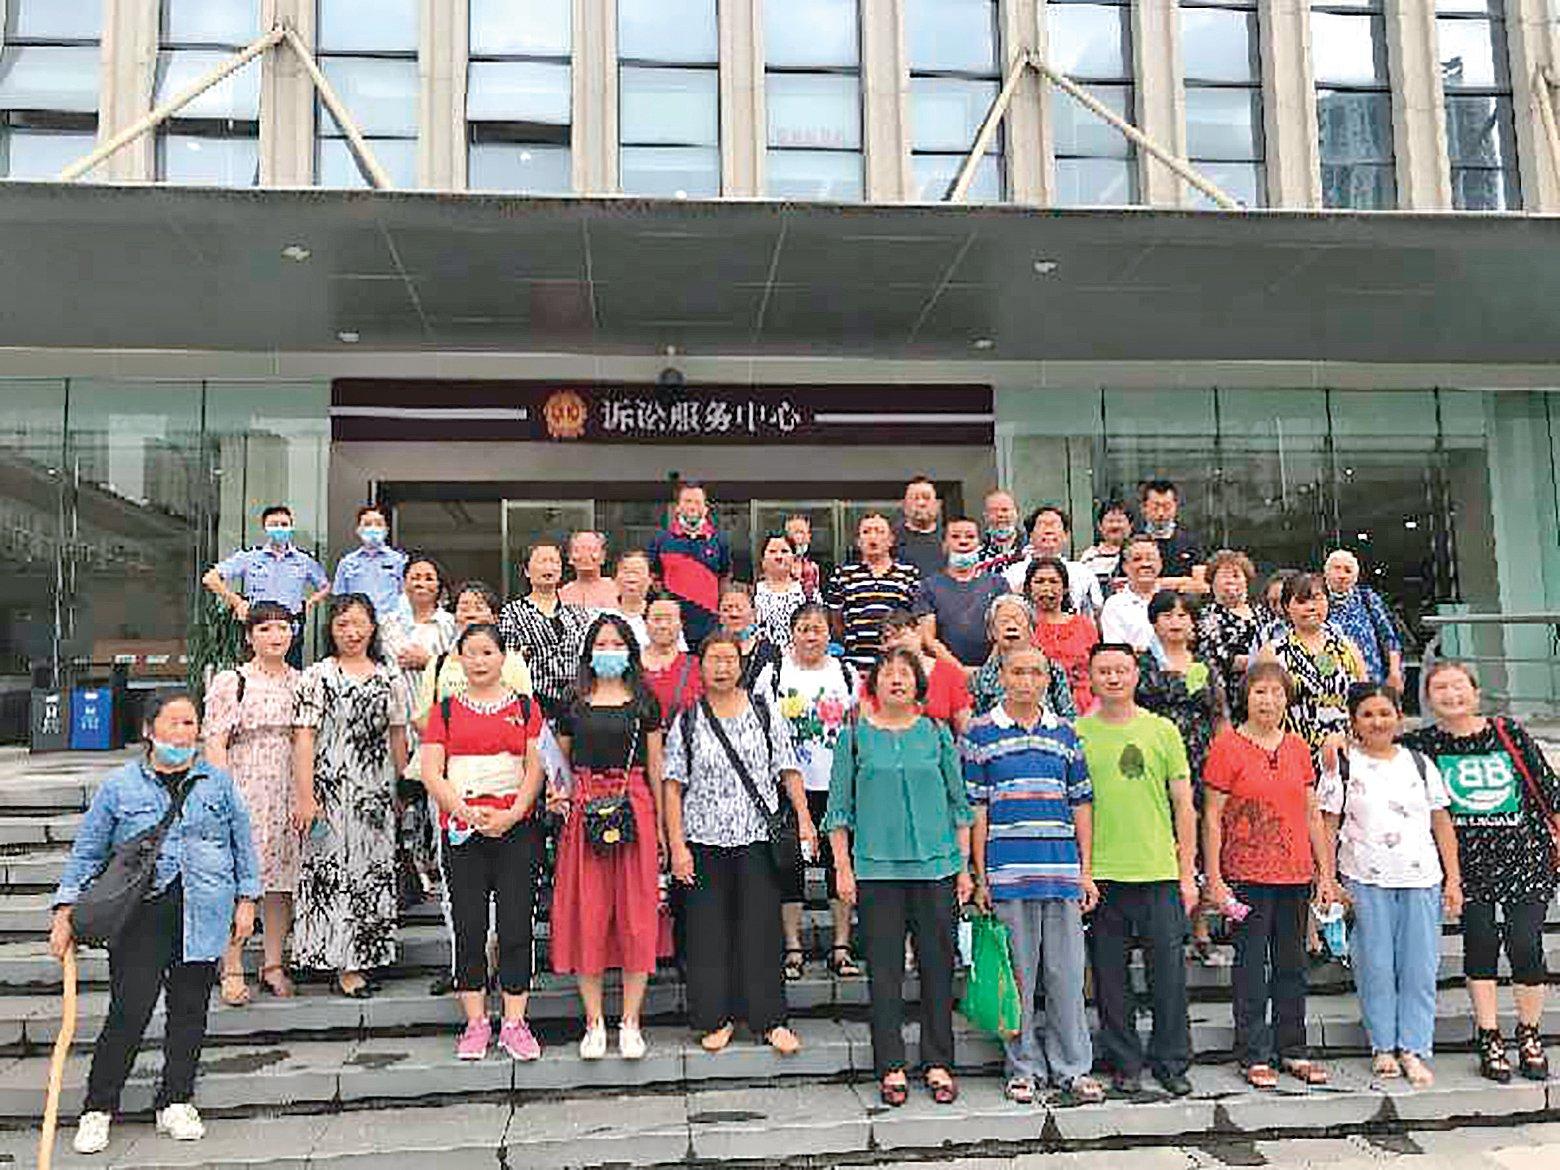 重慶公民晏祥菊被「搞事情」案,7月6日在渝北區法院庭審,吸引近40名公民旁聽。(受訪者提供)